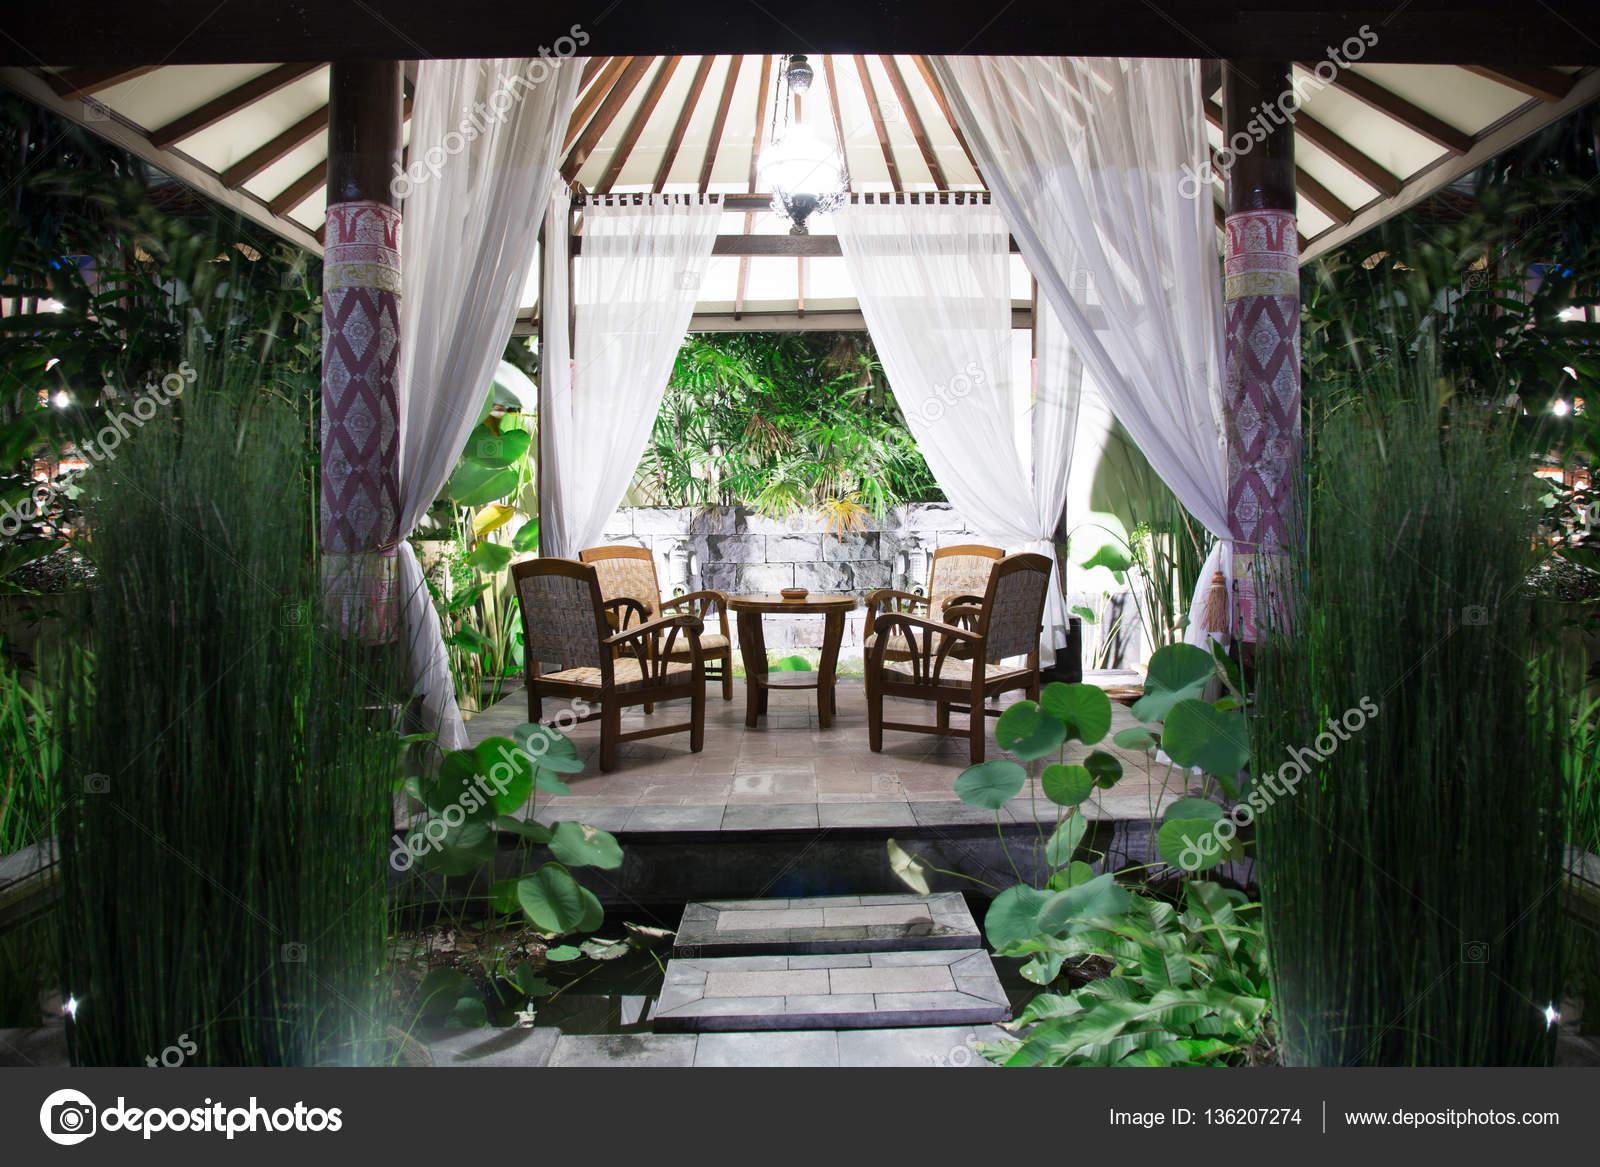 Im Freien Entspannen Am Abend Garten Stühle Und Tisch Stockfoto